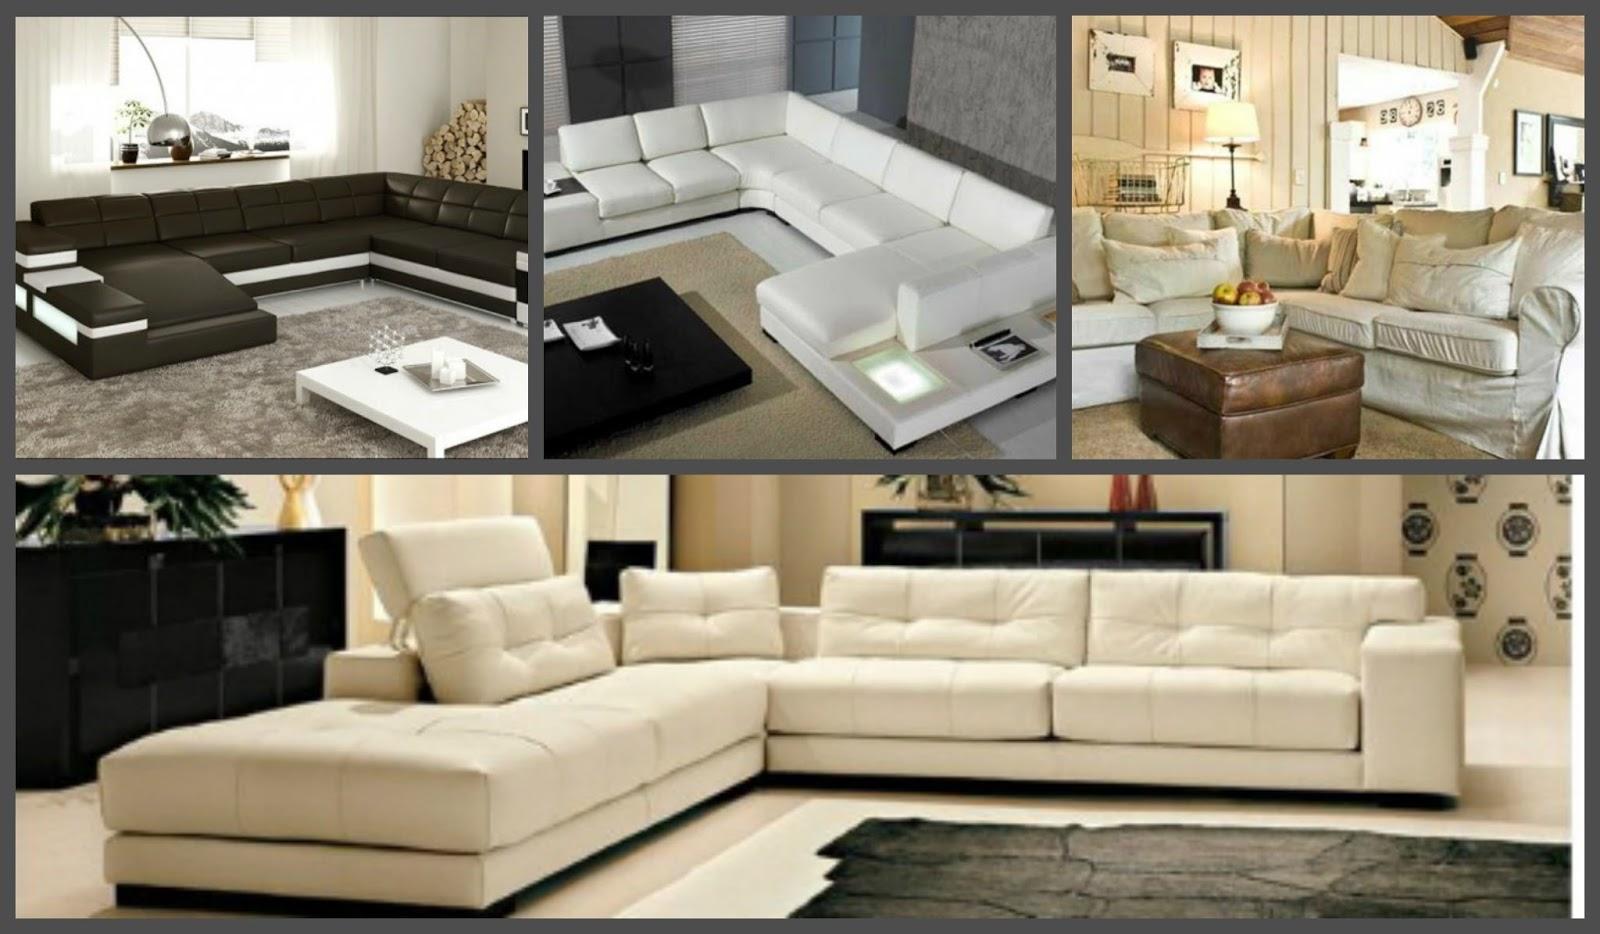 Come scegliere il divano giusto un architetto in cucina